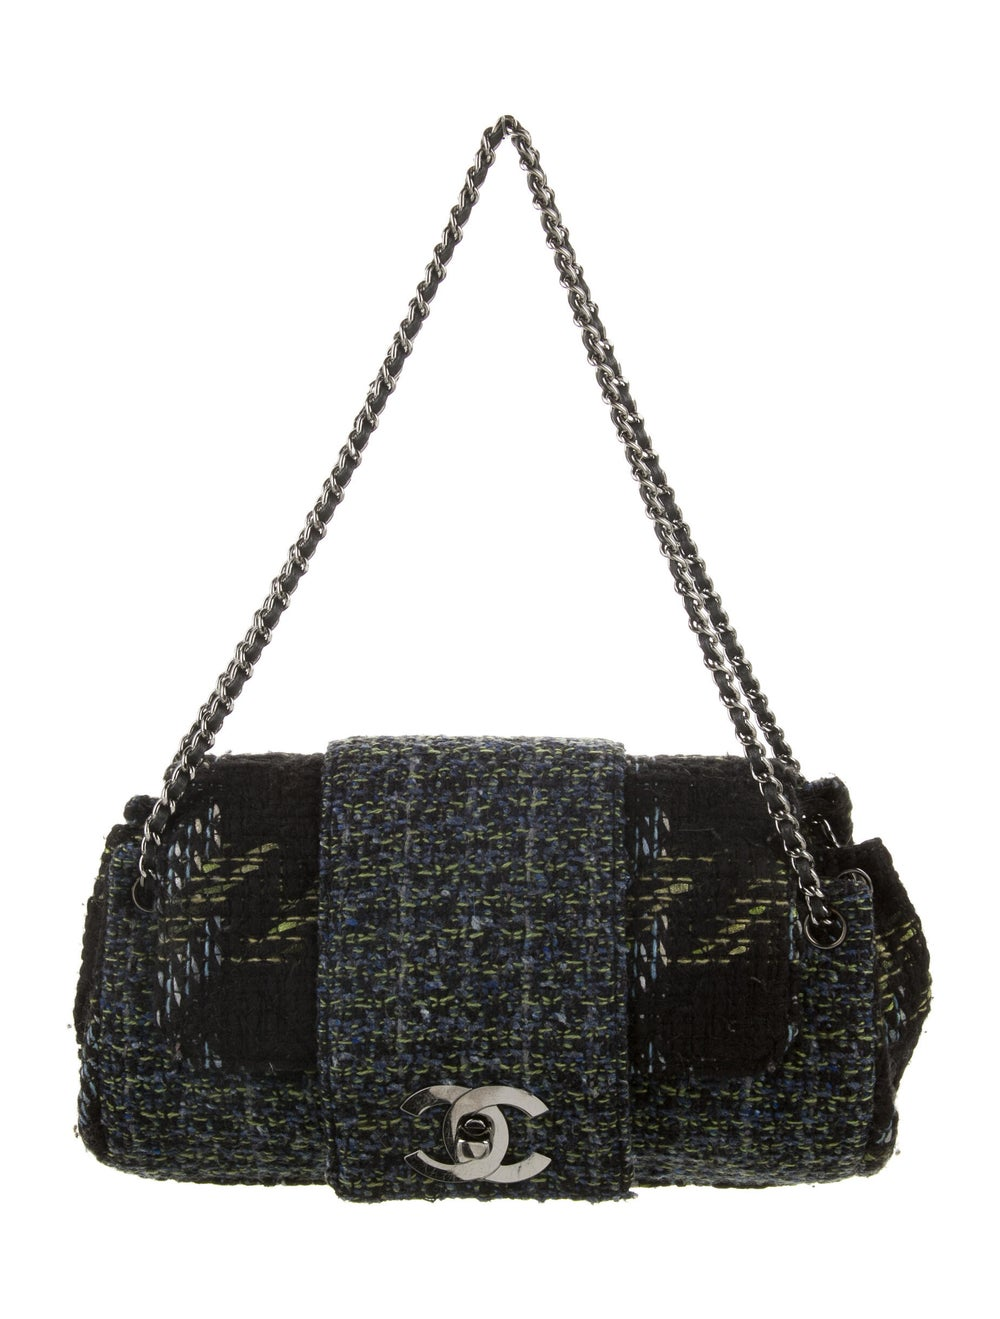 Chanel Tweed Flap Bag Black - image 1